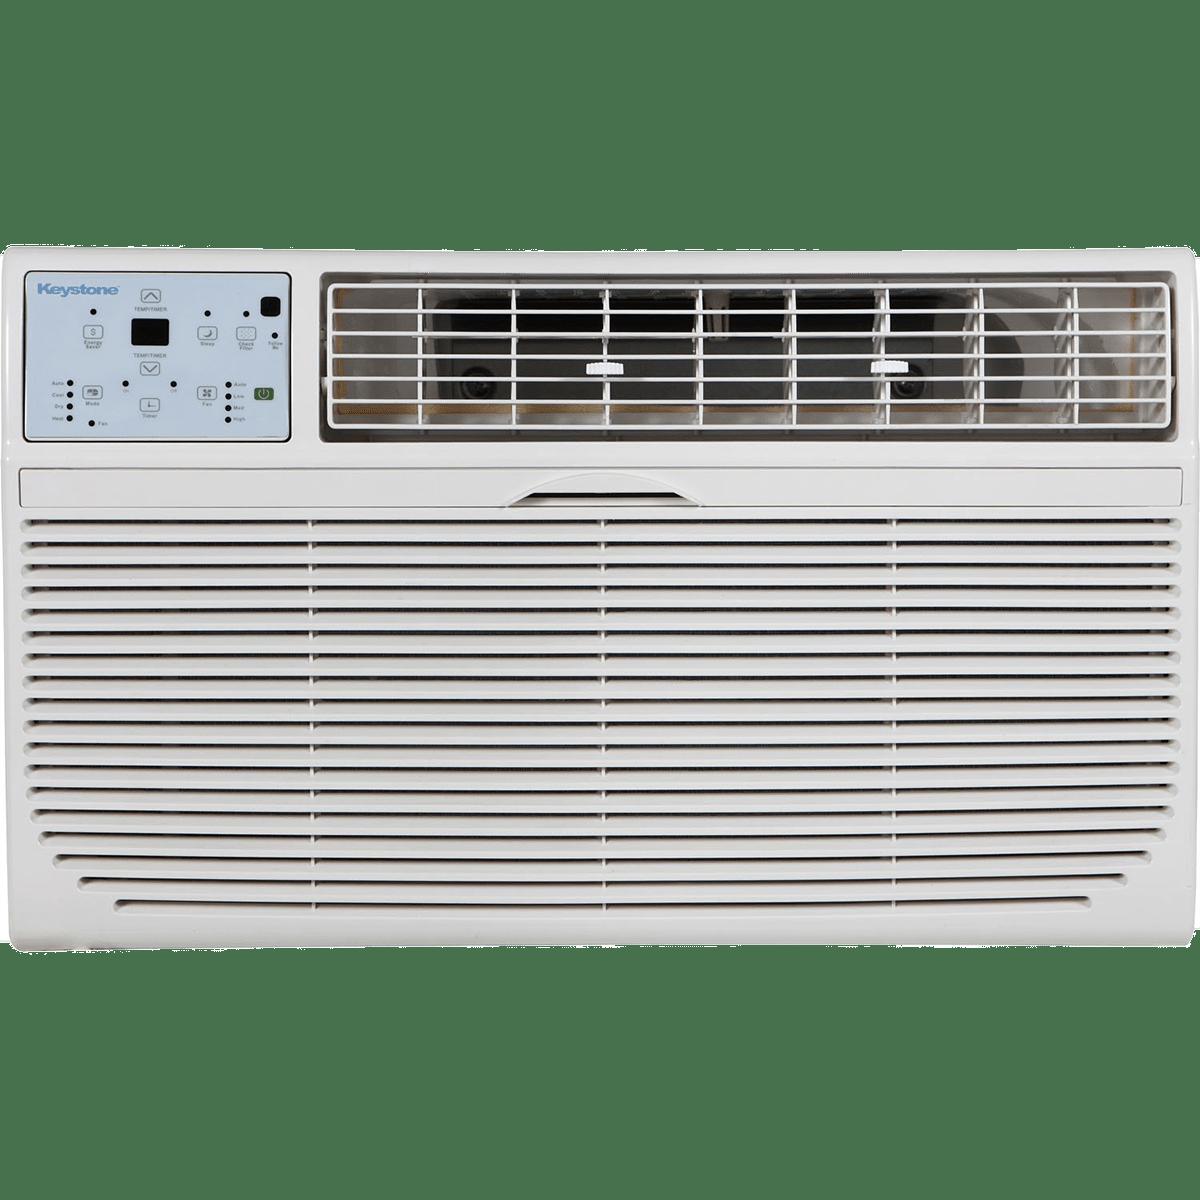 Keystone 14,000 BTU Through-the-Wall Air Conditioner w/ Heat (KSTAT14-